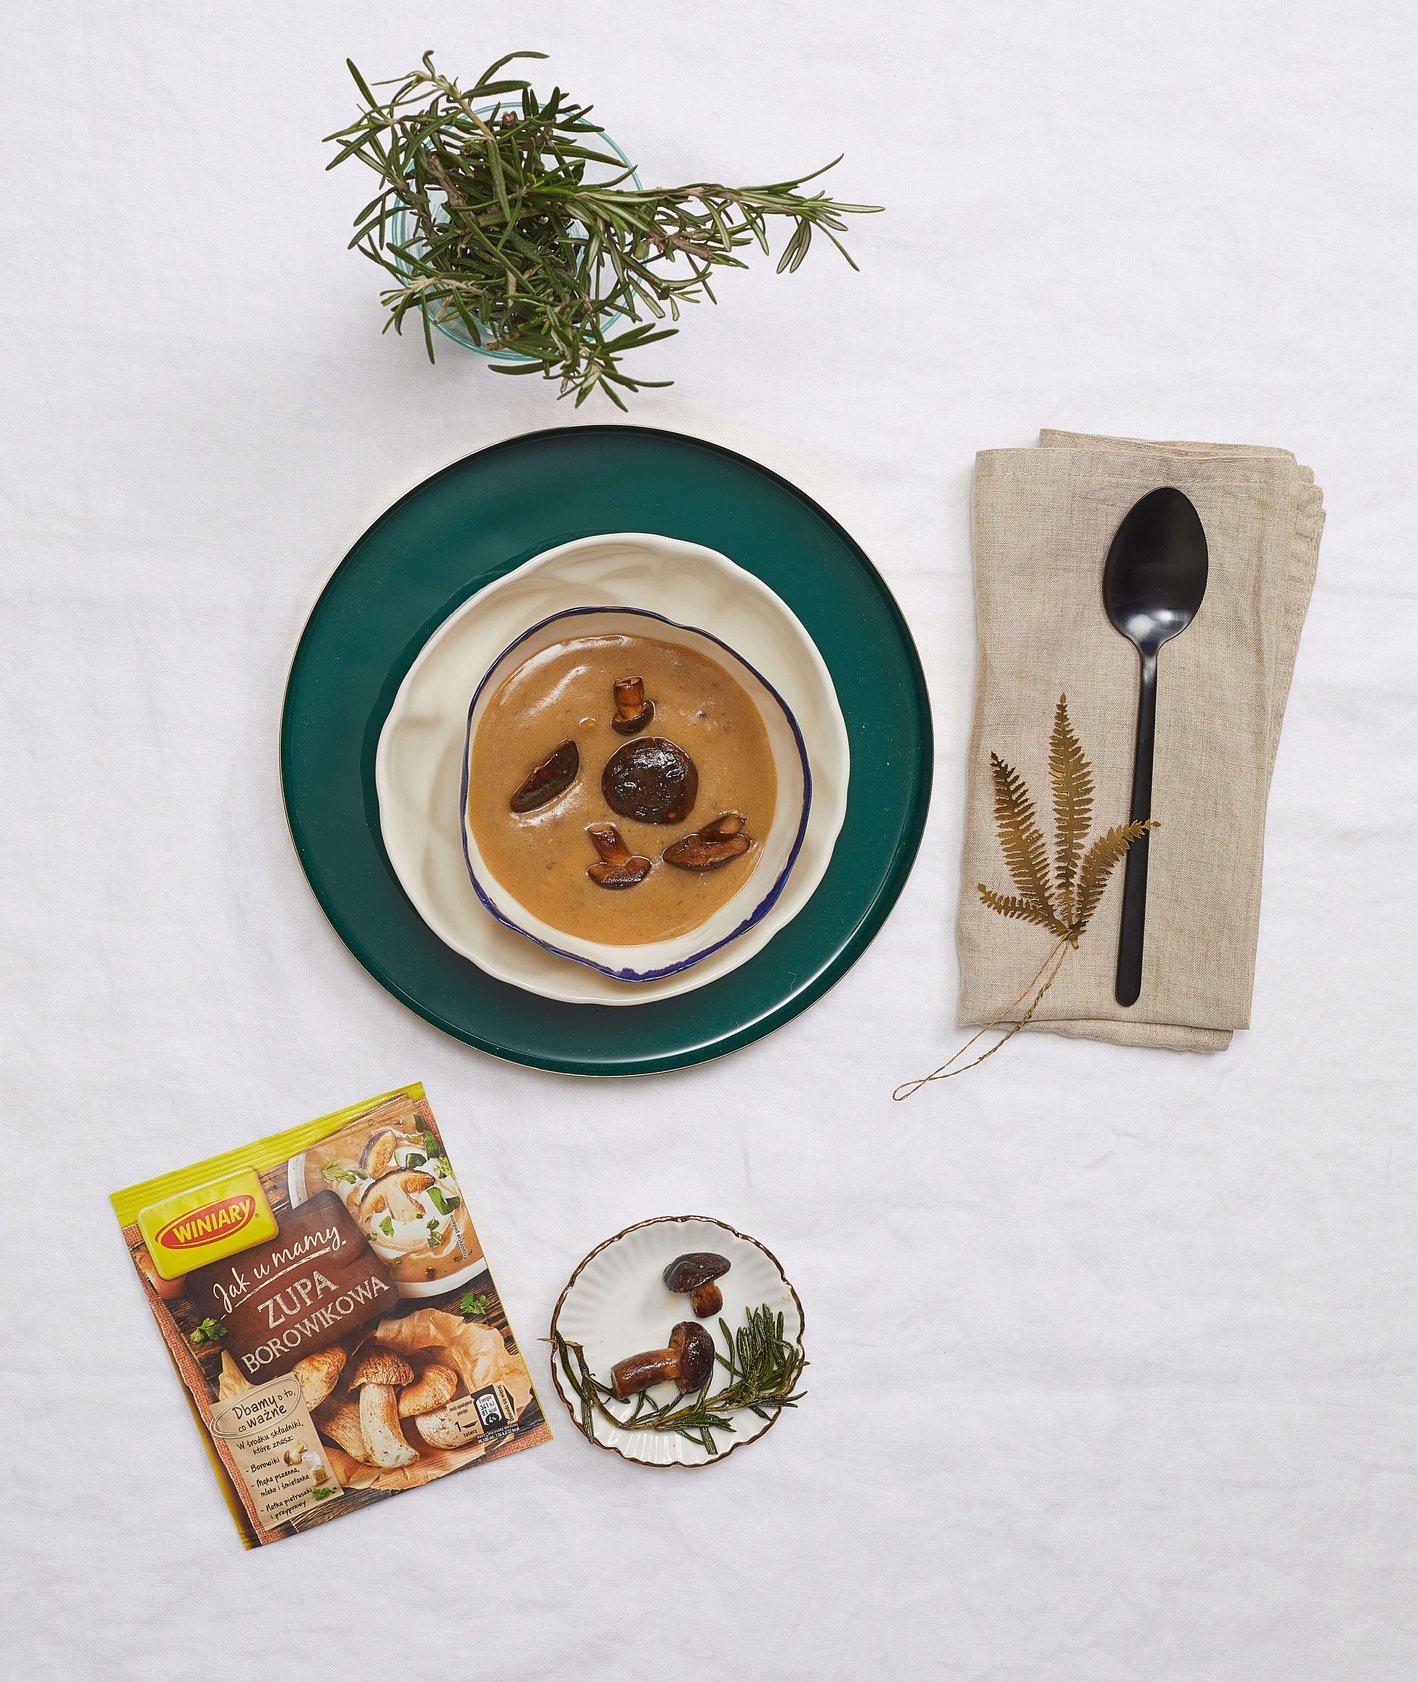 Zupa borowikowa ze smażonymi grzybami z rozmarynem, Winiary, przepis Tomek Zielke